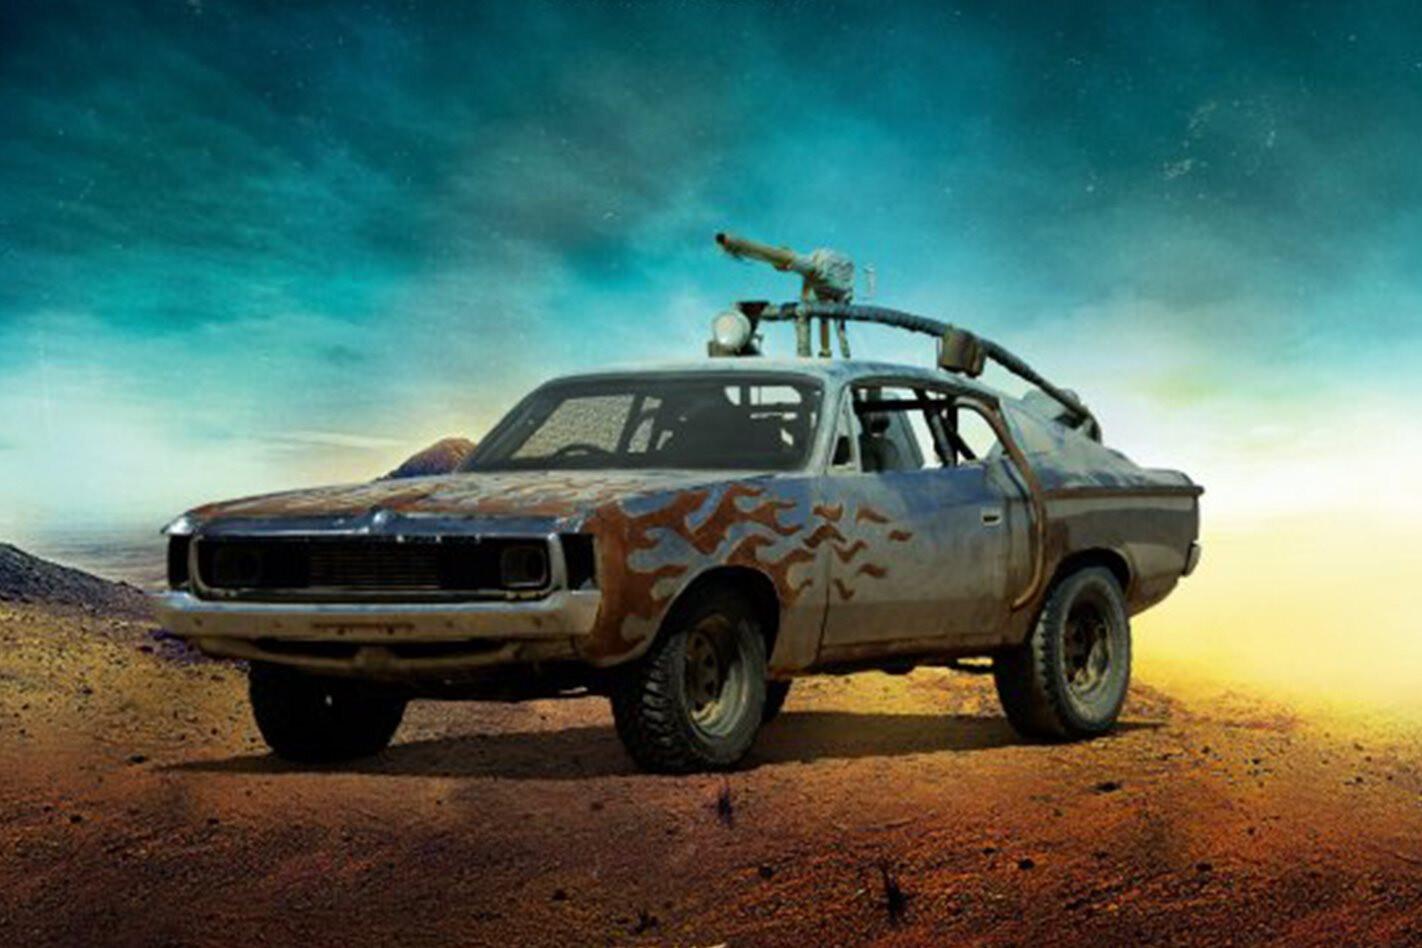 Prince Valiant Mad Max 1 Jpg